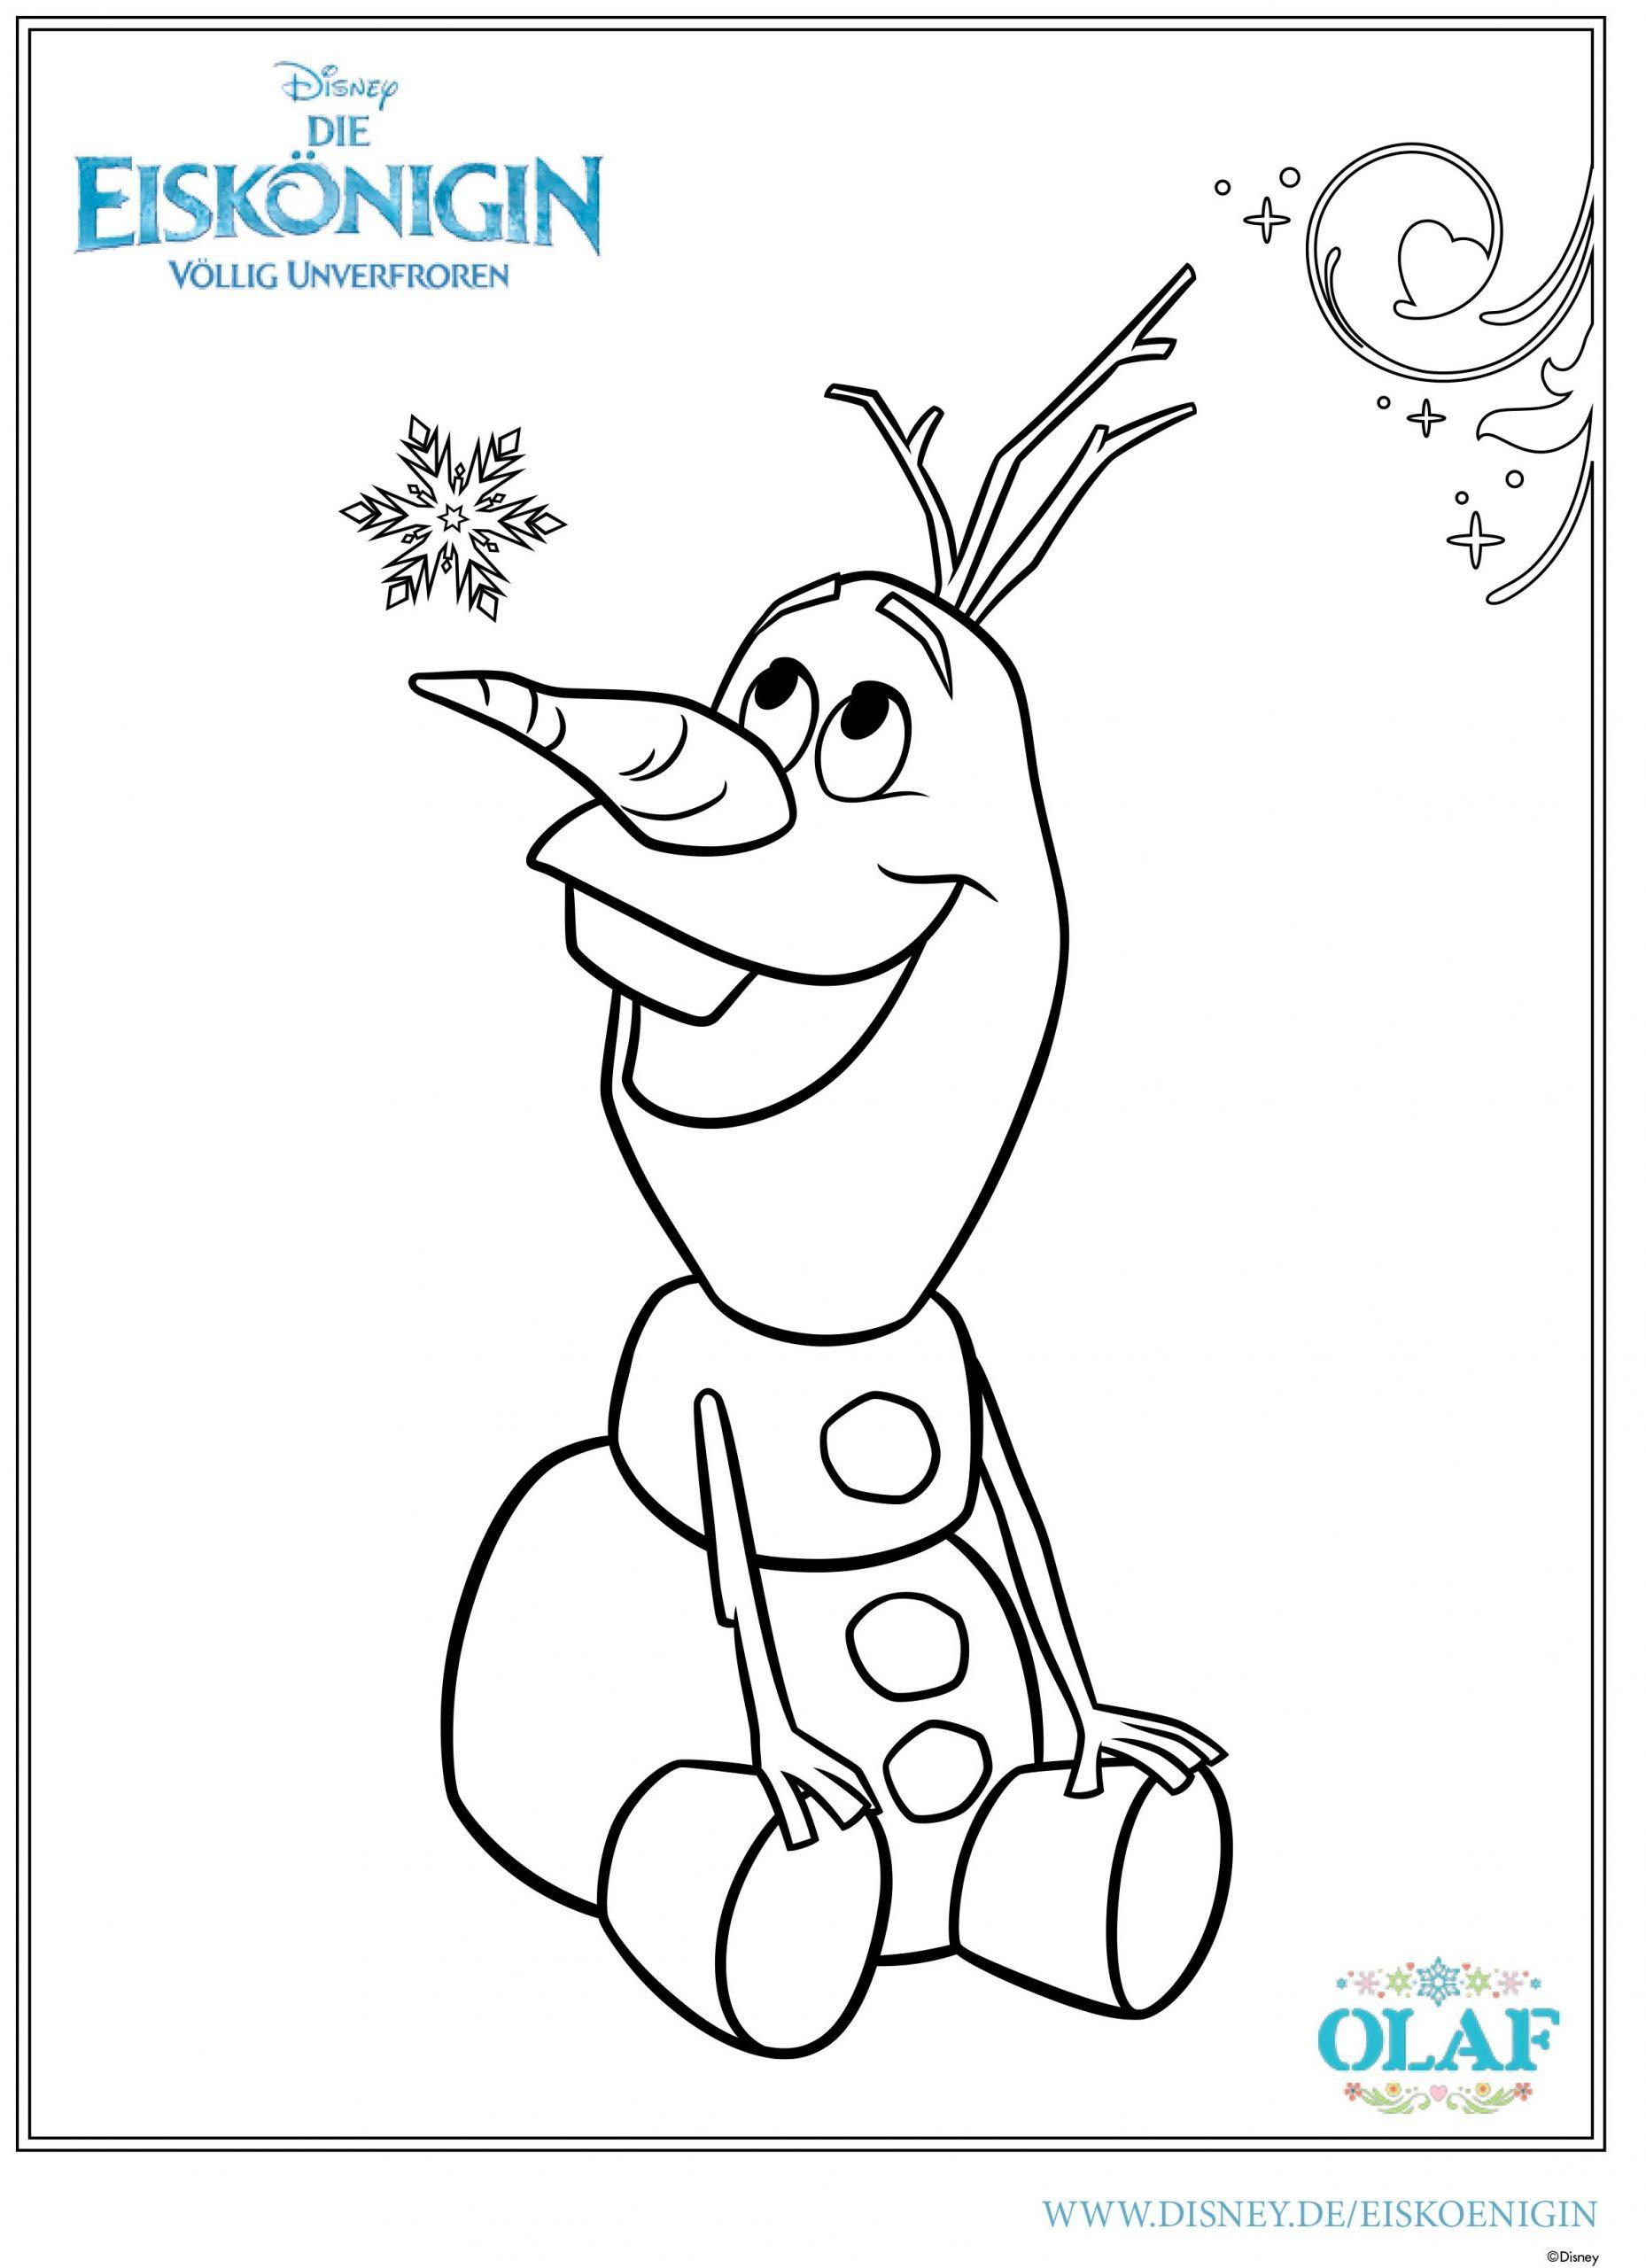 Ausmalbild - Olaf (Mit Bildern)   Weihnachtsbilder Zum bei Weihnachtsbilder Zum Ausmalen Und Drucken